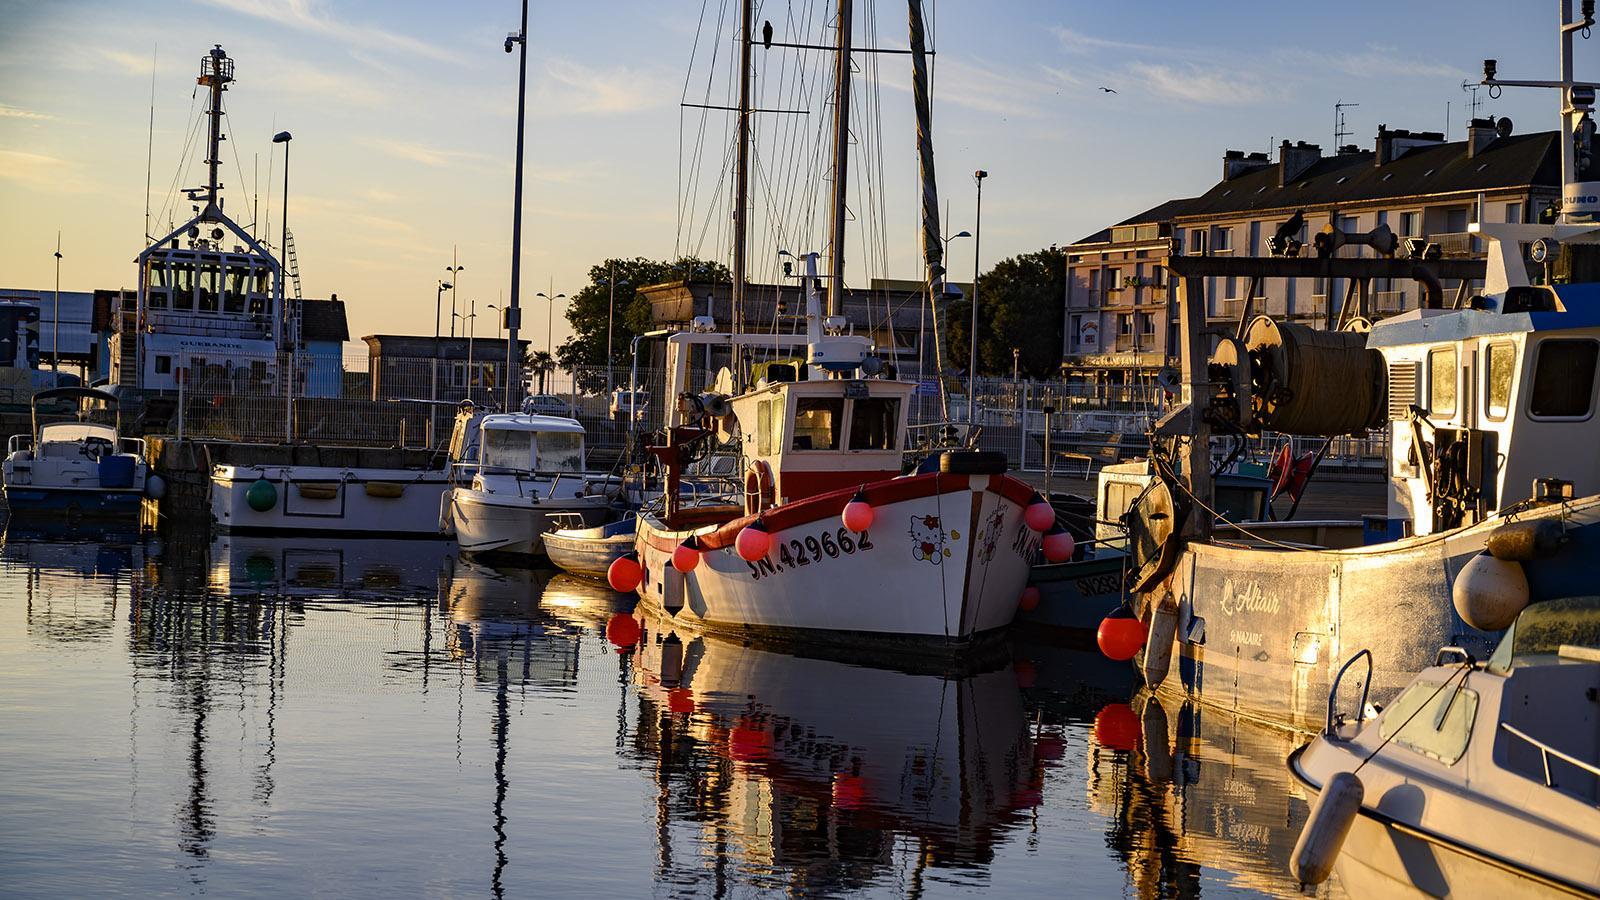 Im Hafen von Saint-Nazaire sind noch einige Fisch-Trawler vertäut. Foto: Hilke Maunder